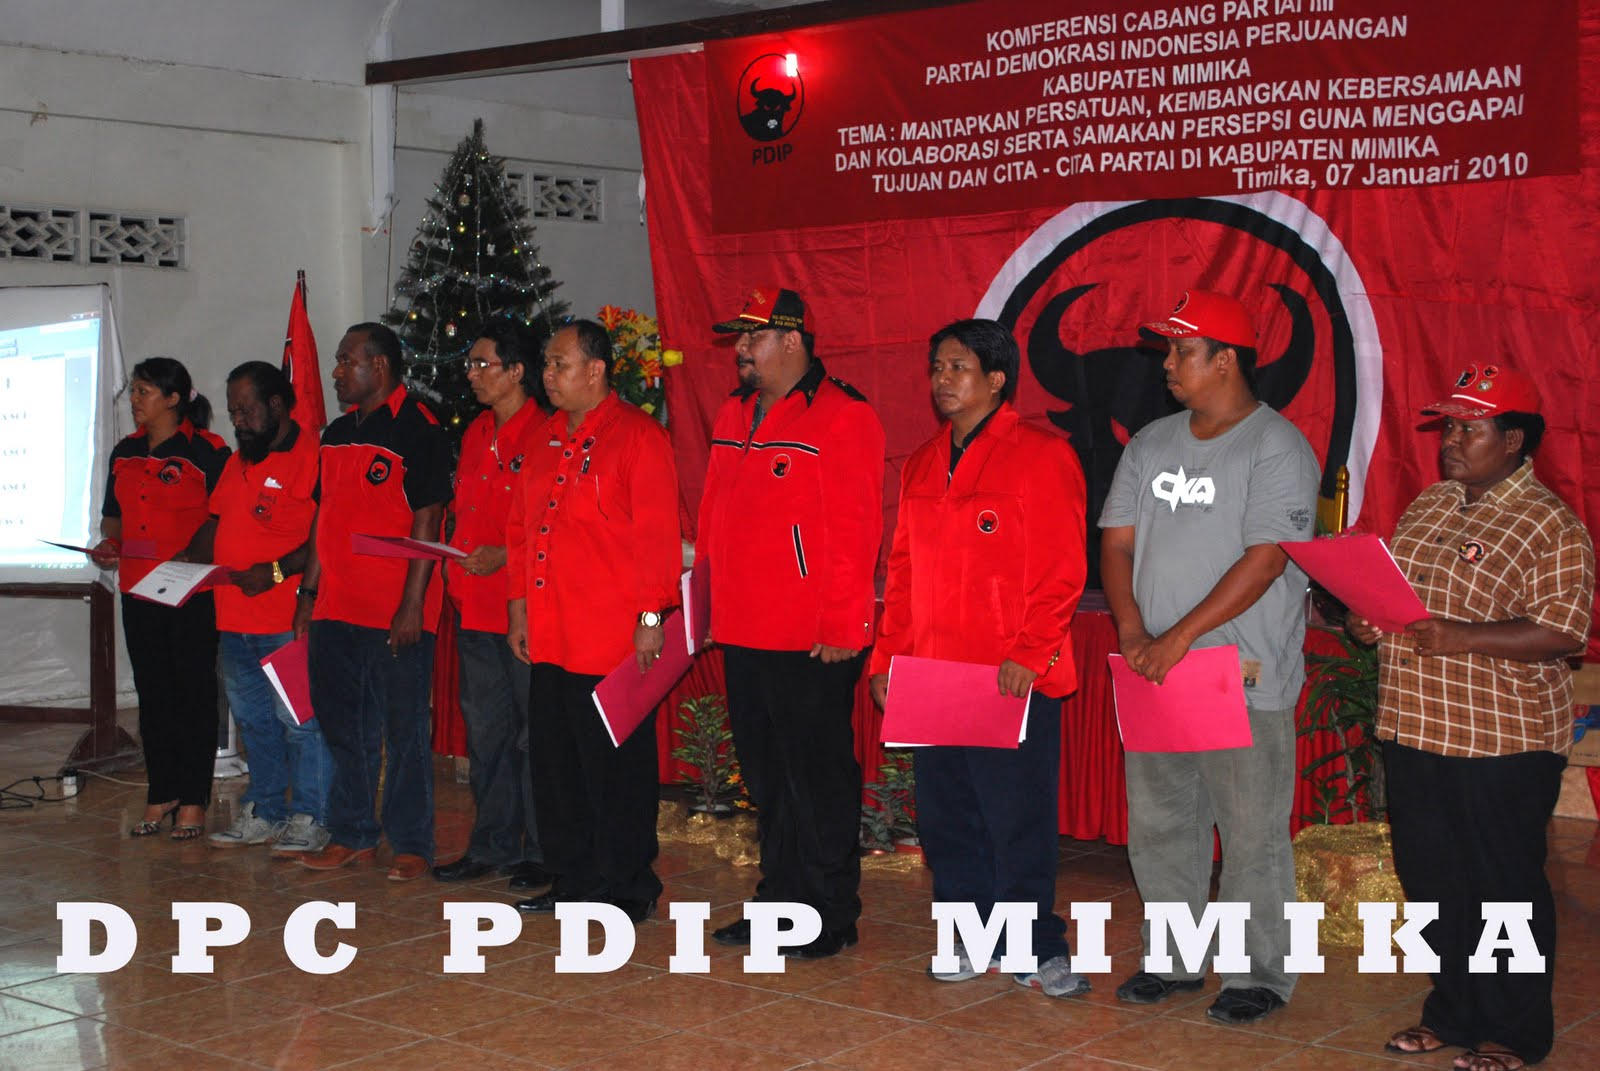 DPC  PDIP  MIMIKA